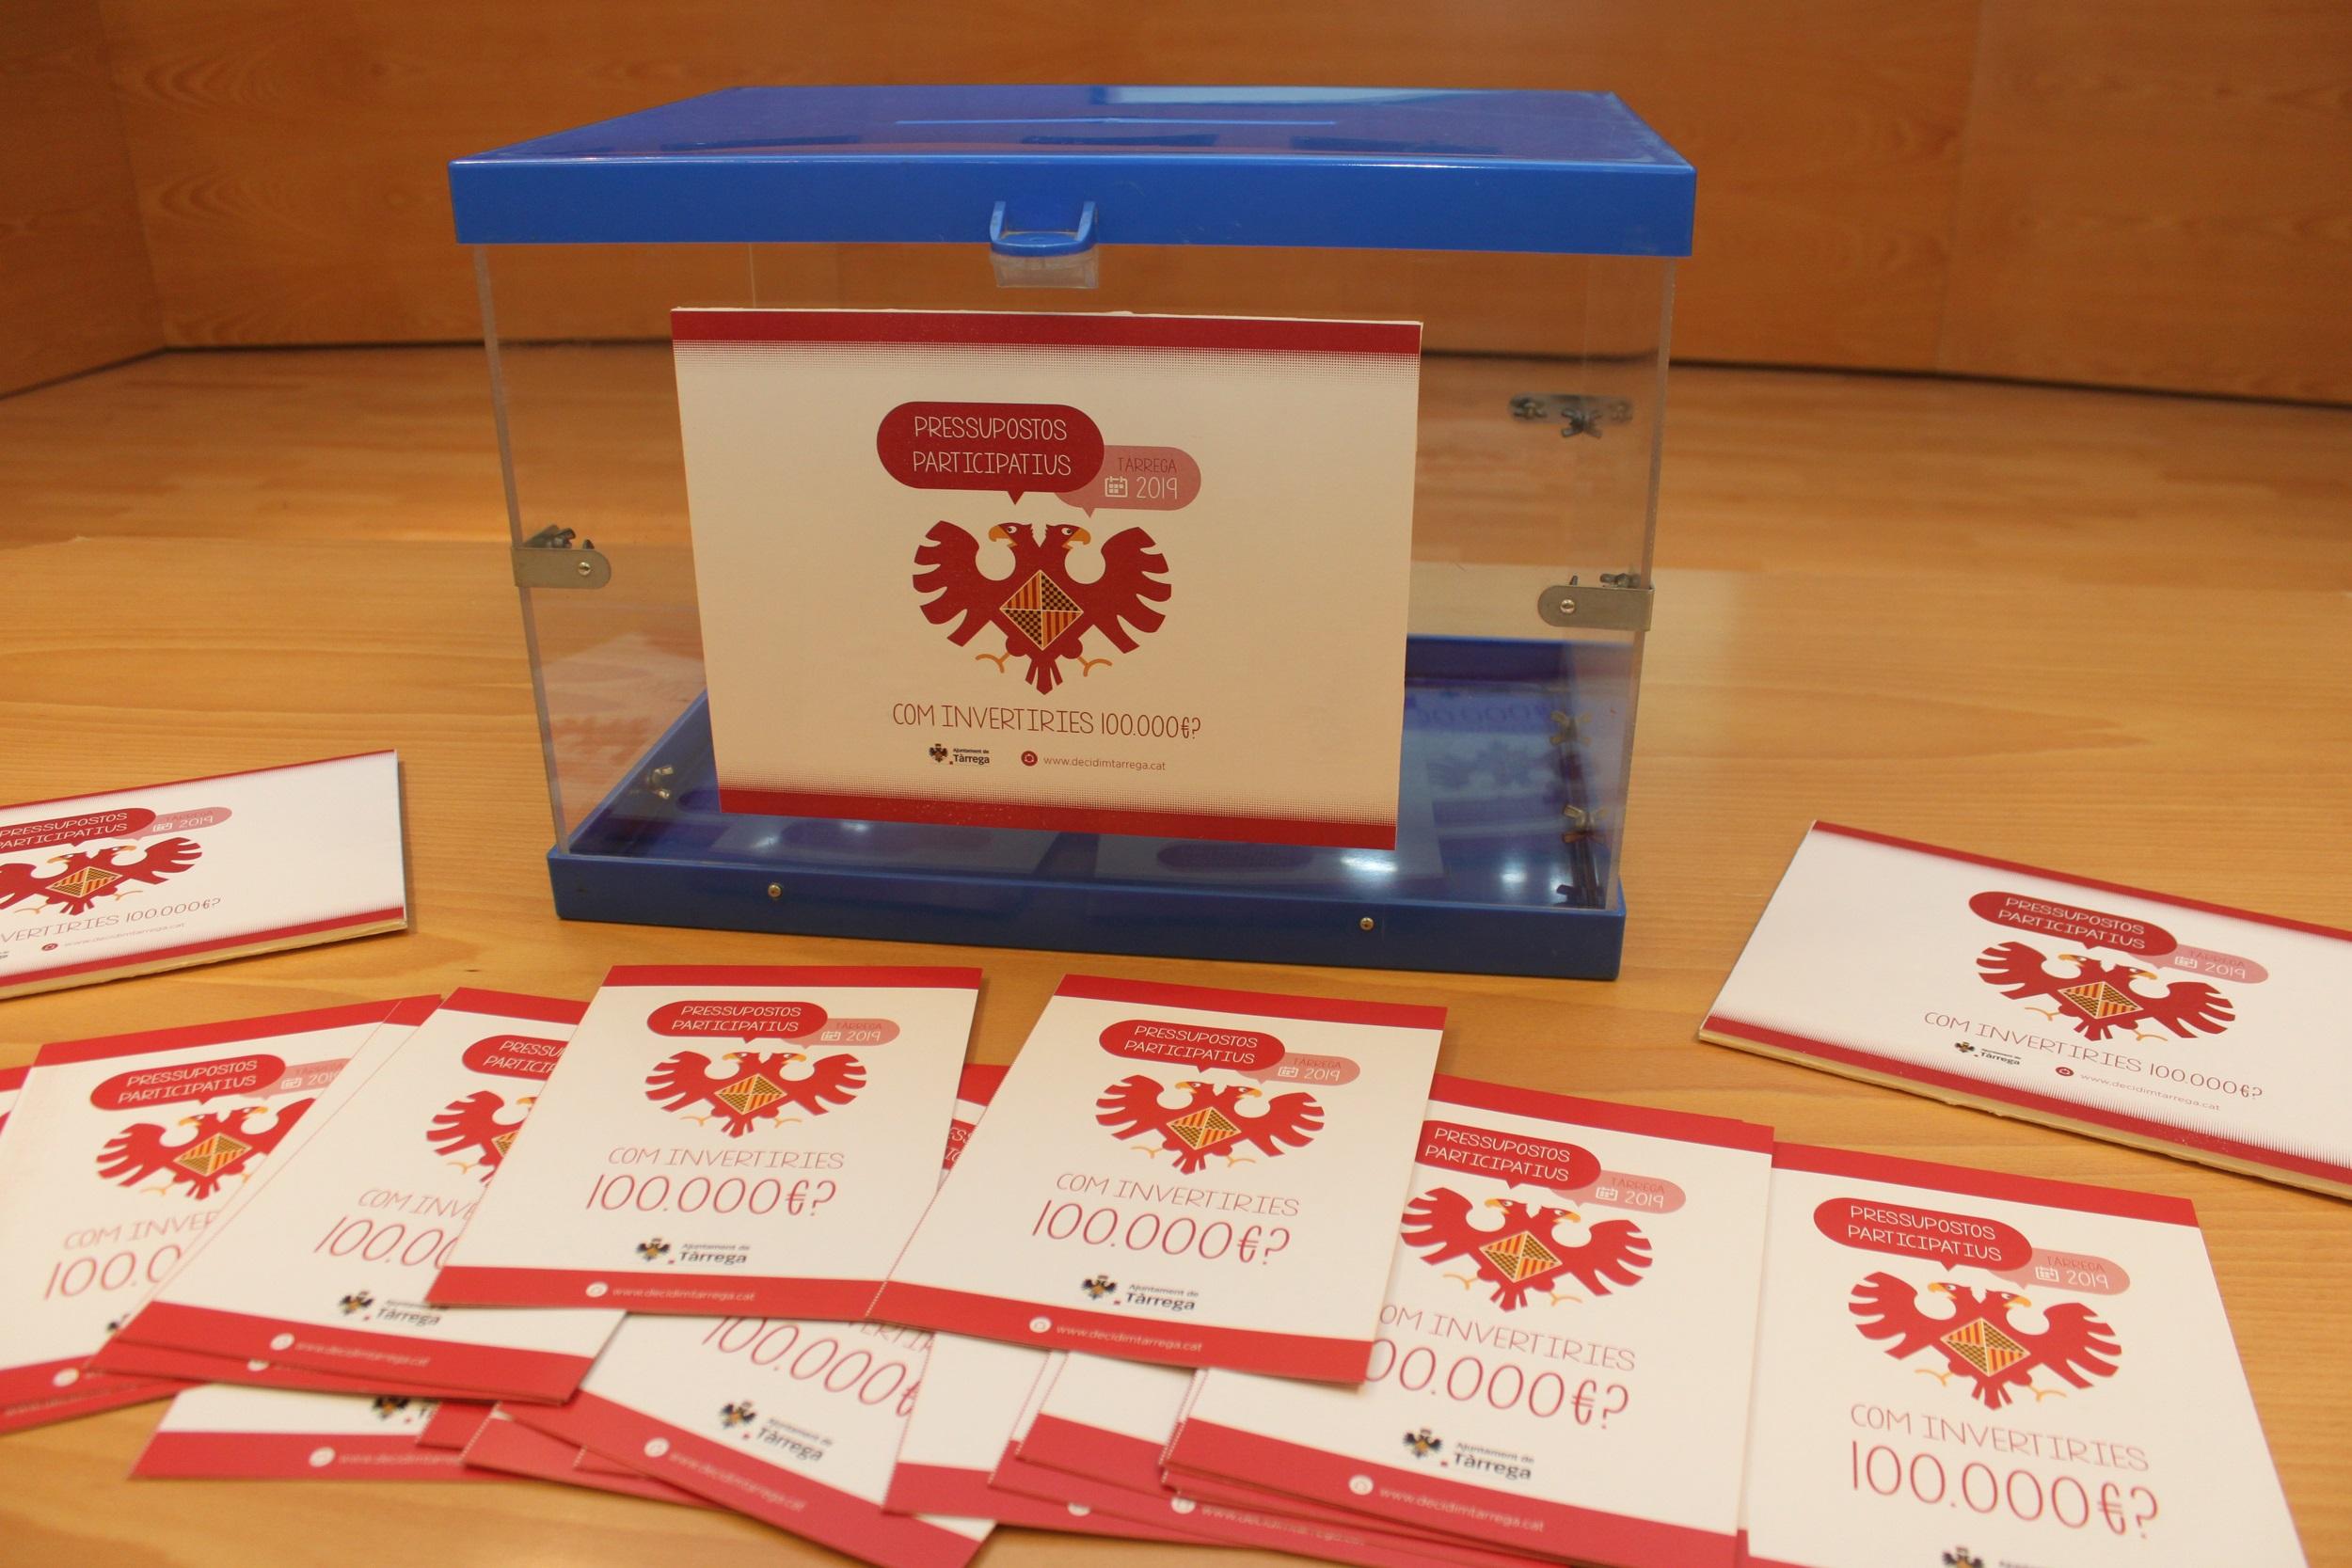 L'Ajuntament de Tàrrega preveu continuar el procés de pressupostos participatius, que ha rebut 350 aportacions, després de les eleccions municipals